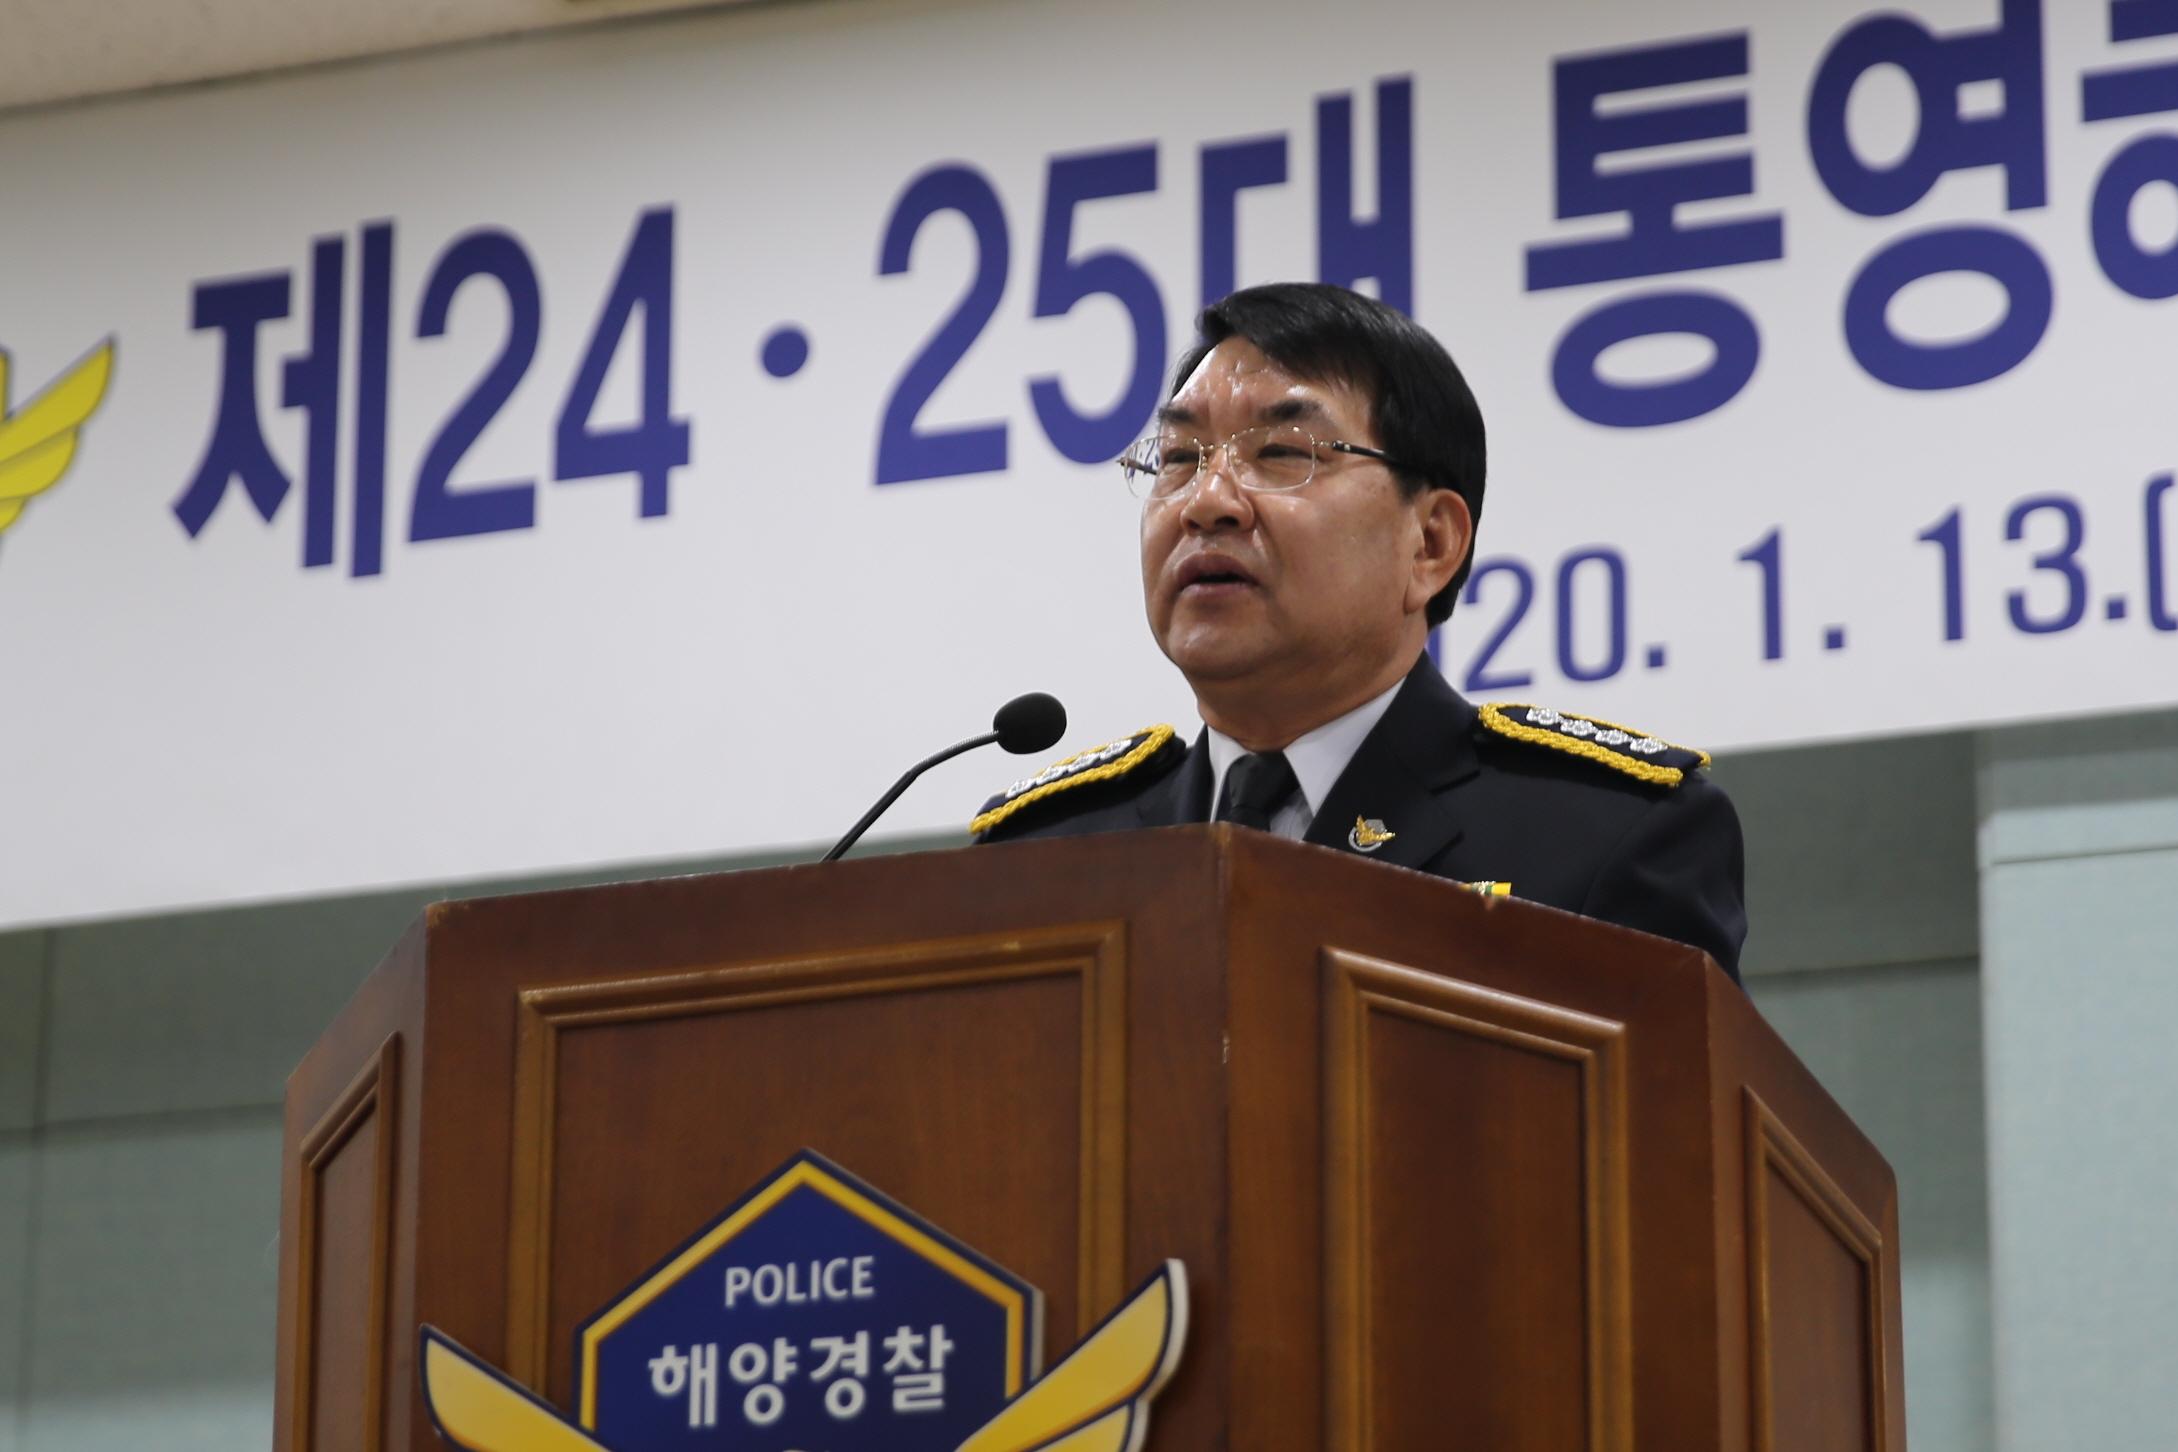 1(200113) 통영해경, 제25대 김평한 서장 취임식 가져 (사진1).JPG